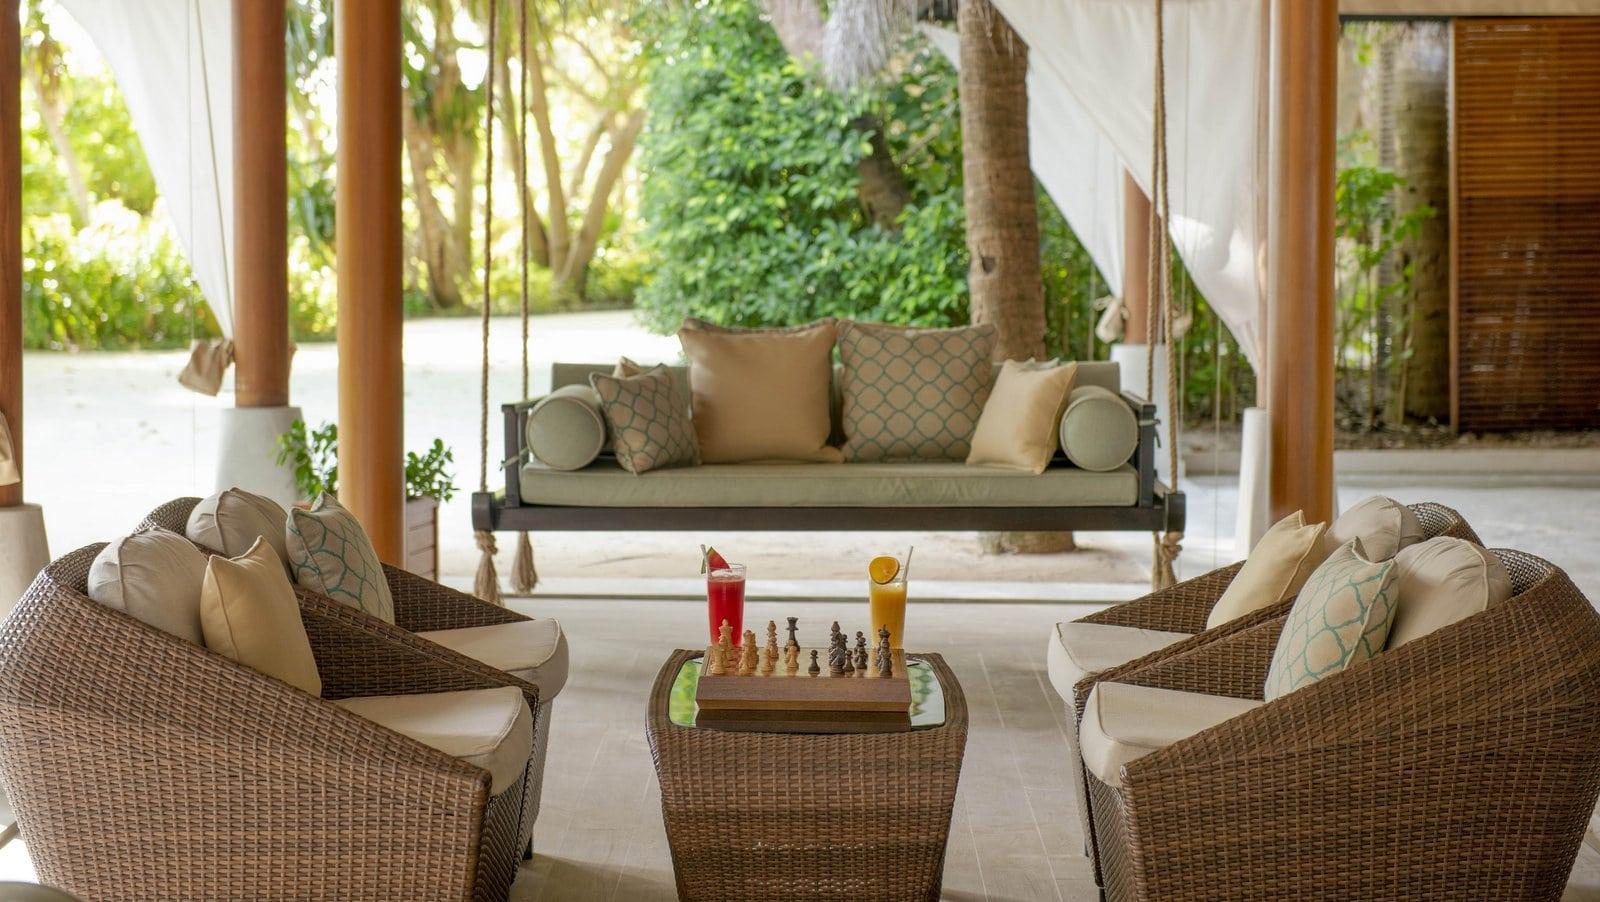 Мальдивы, отель Baros Maldives, бар Sails